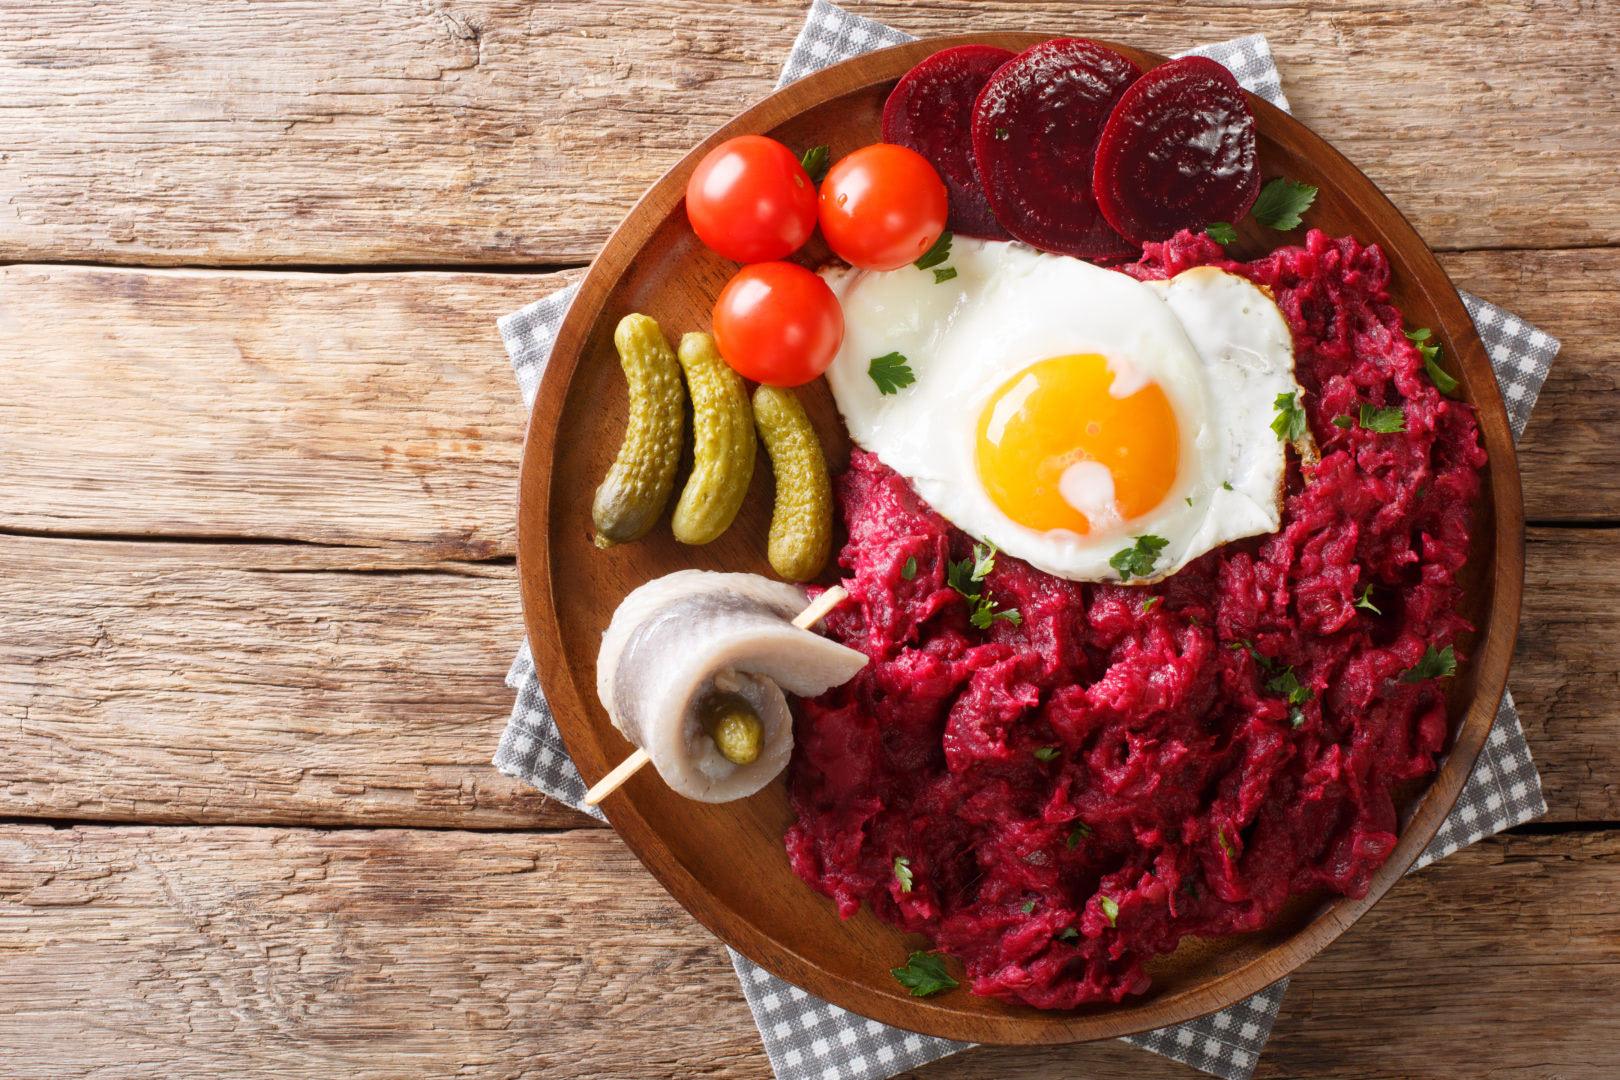 Labskaus spécialité culinaire d'Allemagne